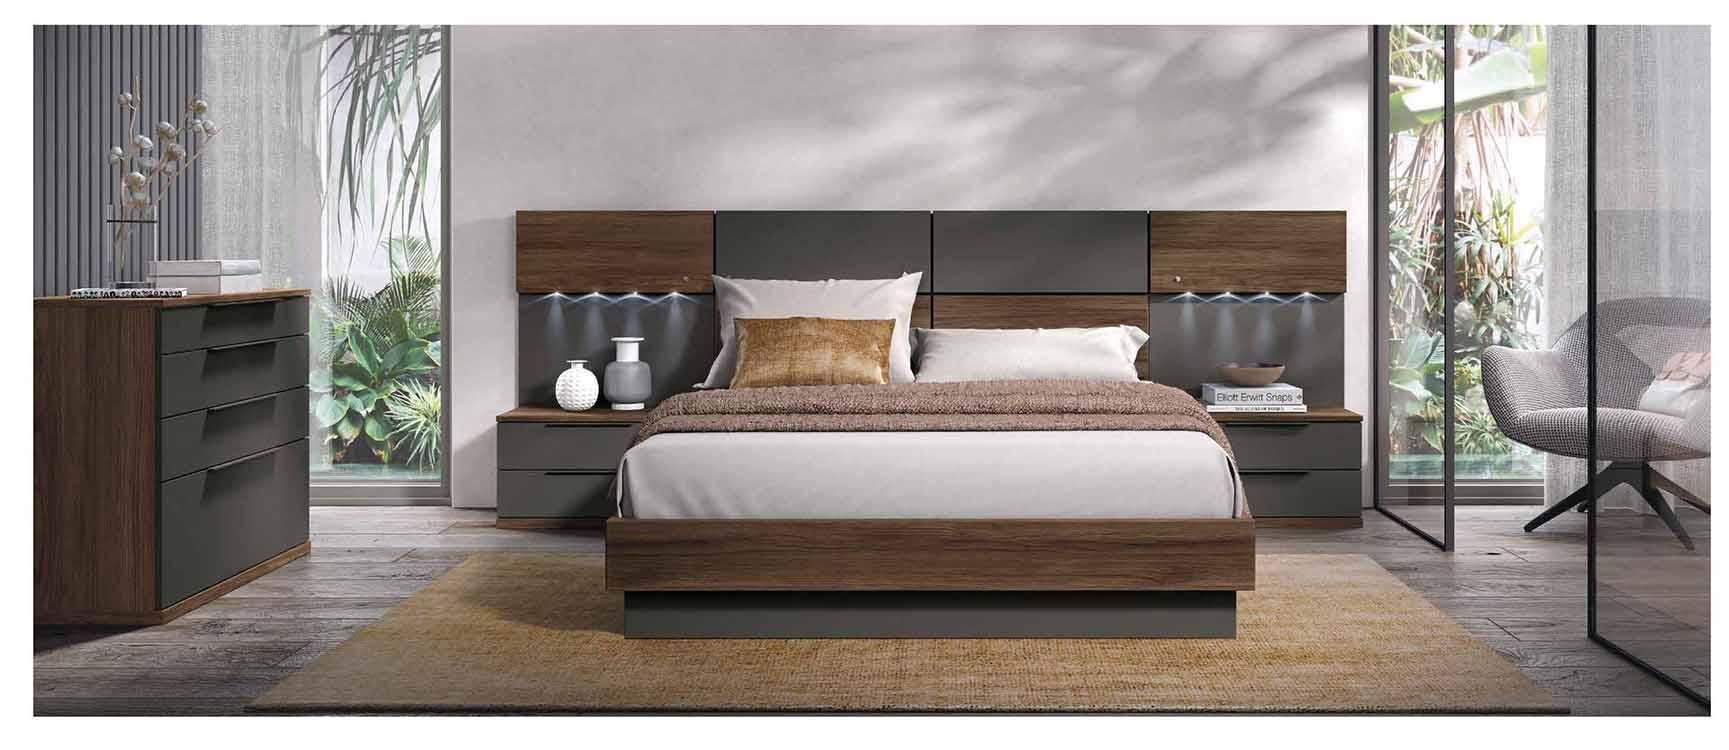 http://www.munozmuebles.net/nueva/catalogo/dormitorios-actuales.html - Fotos de  muebles acogedores